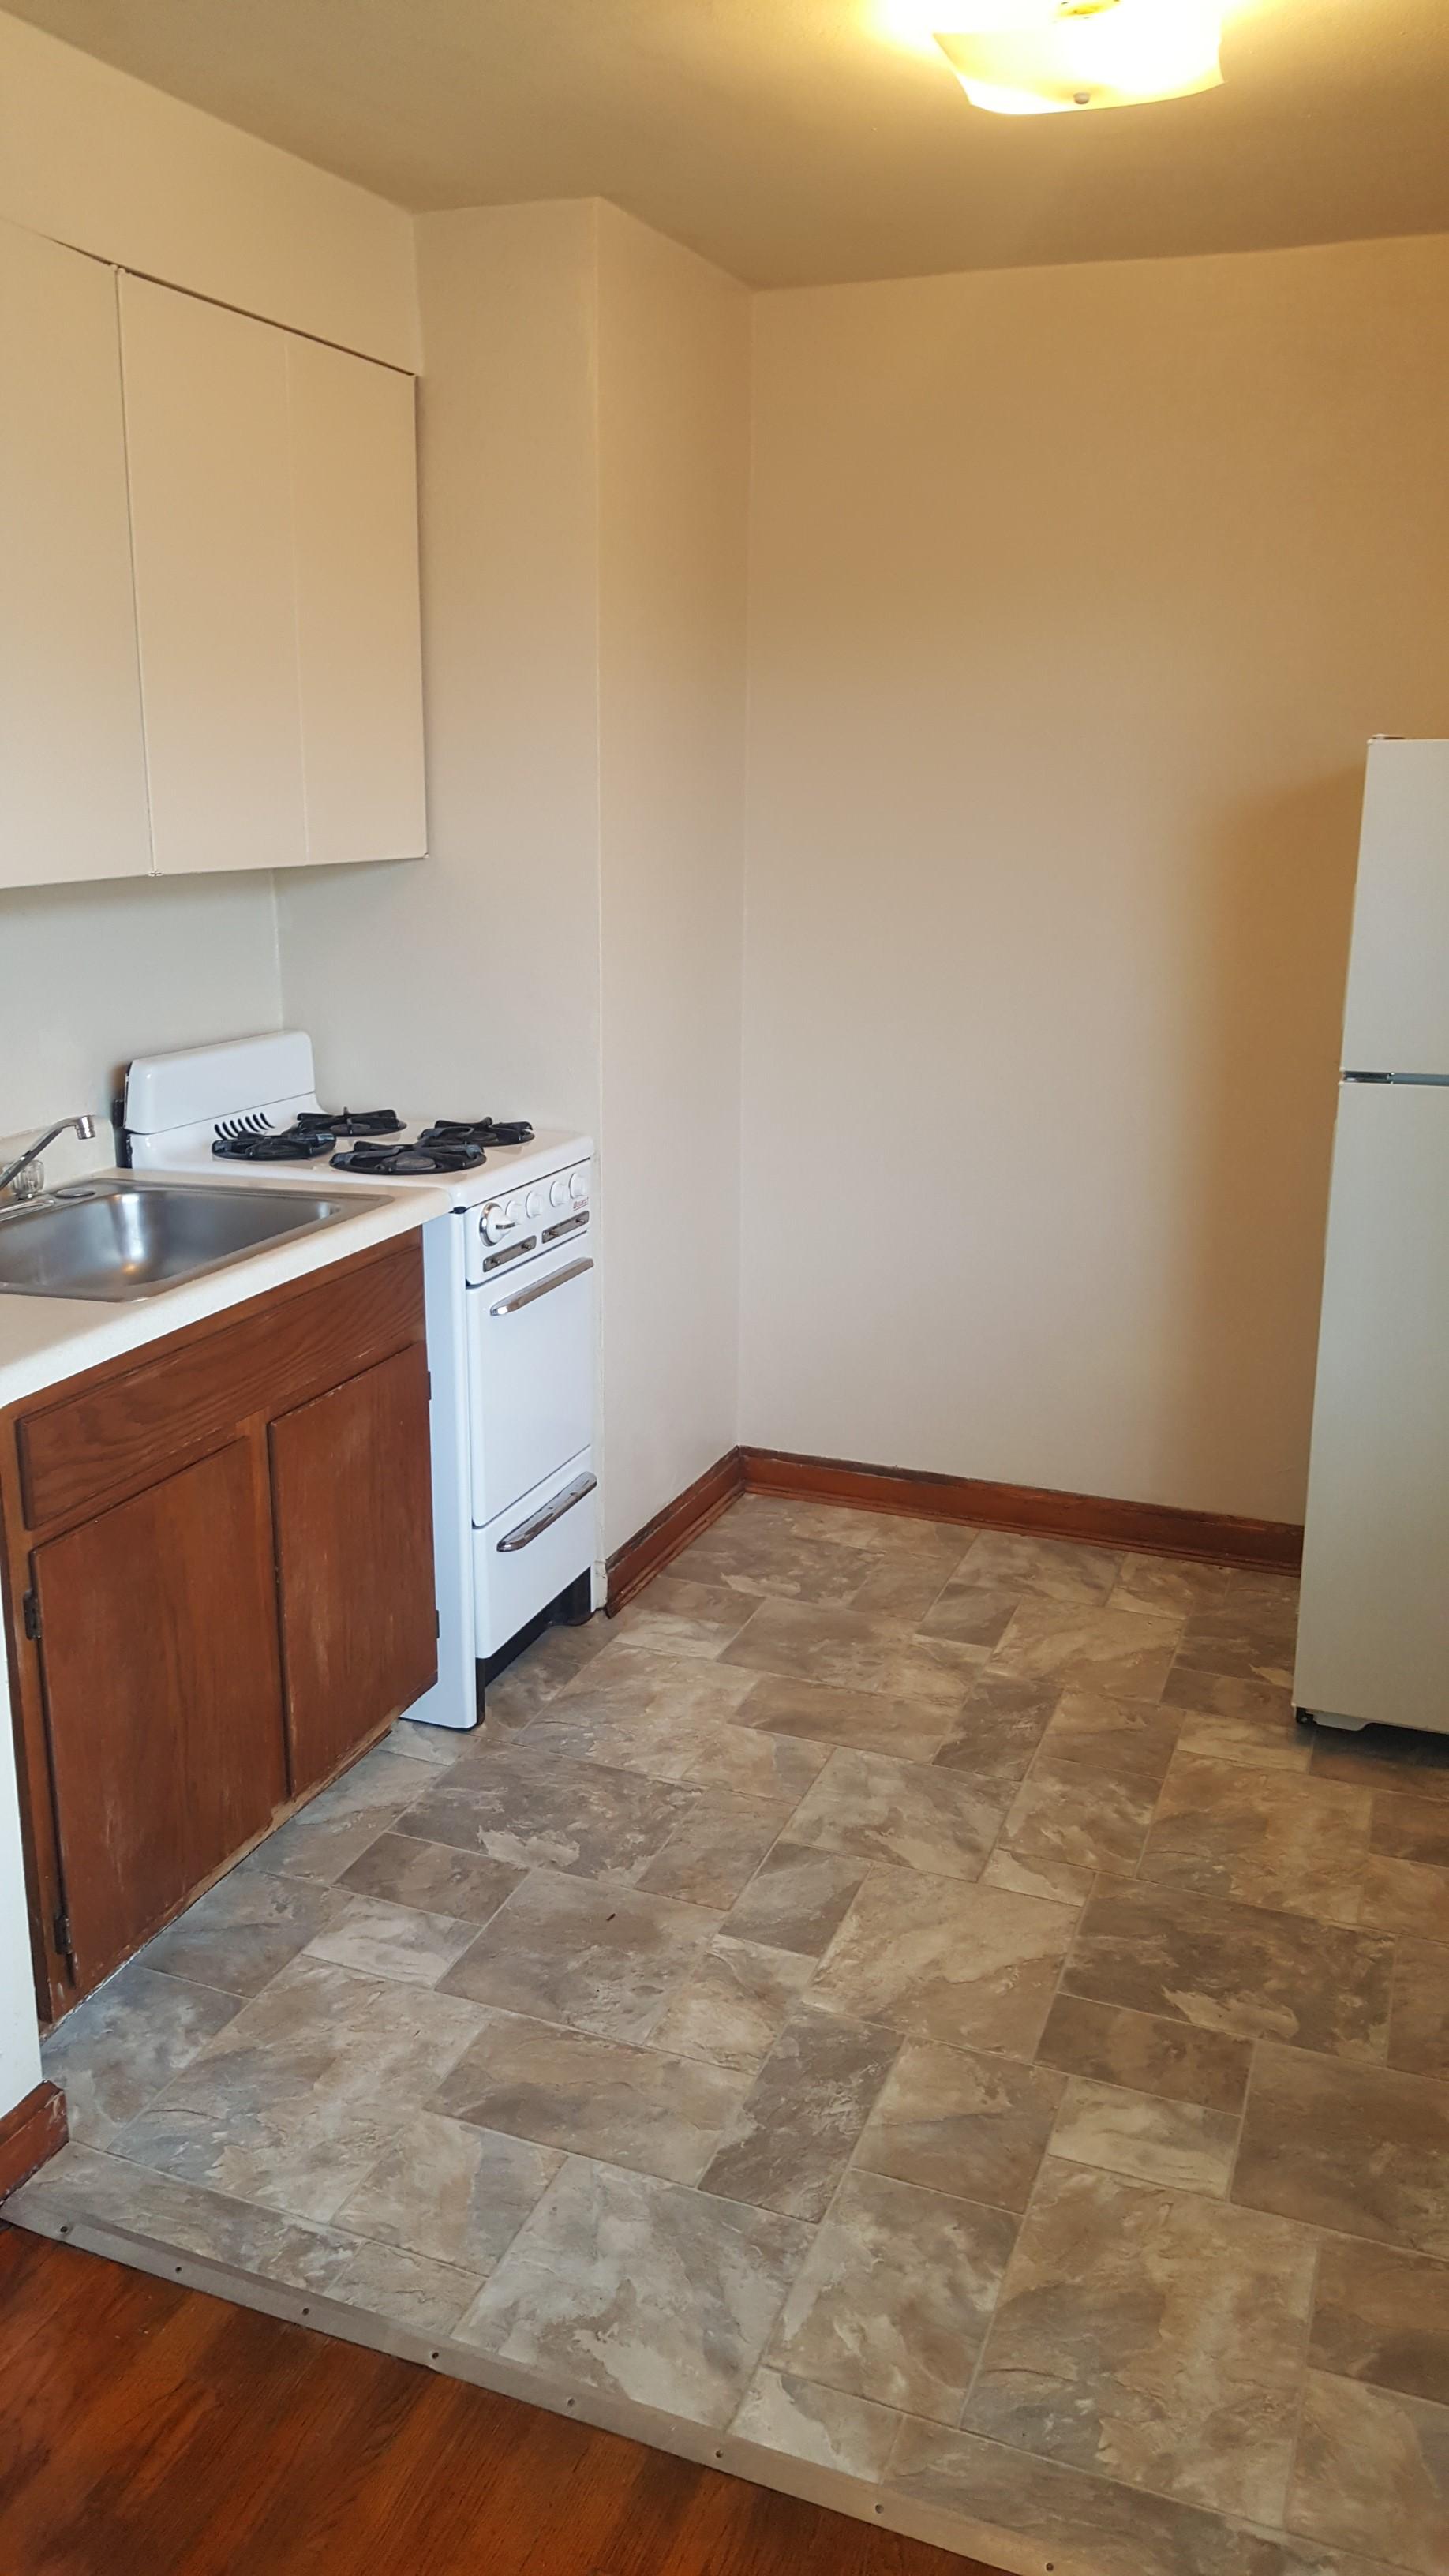 kitchen ludlow.jpg